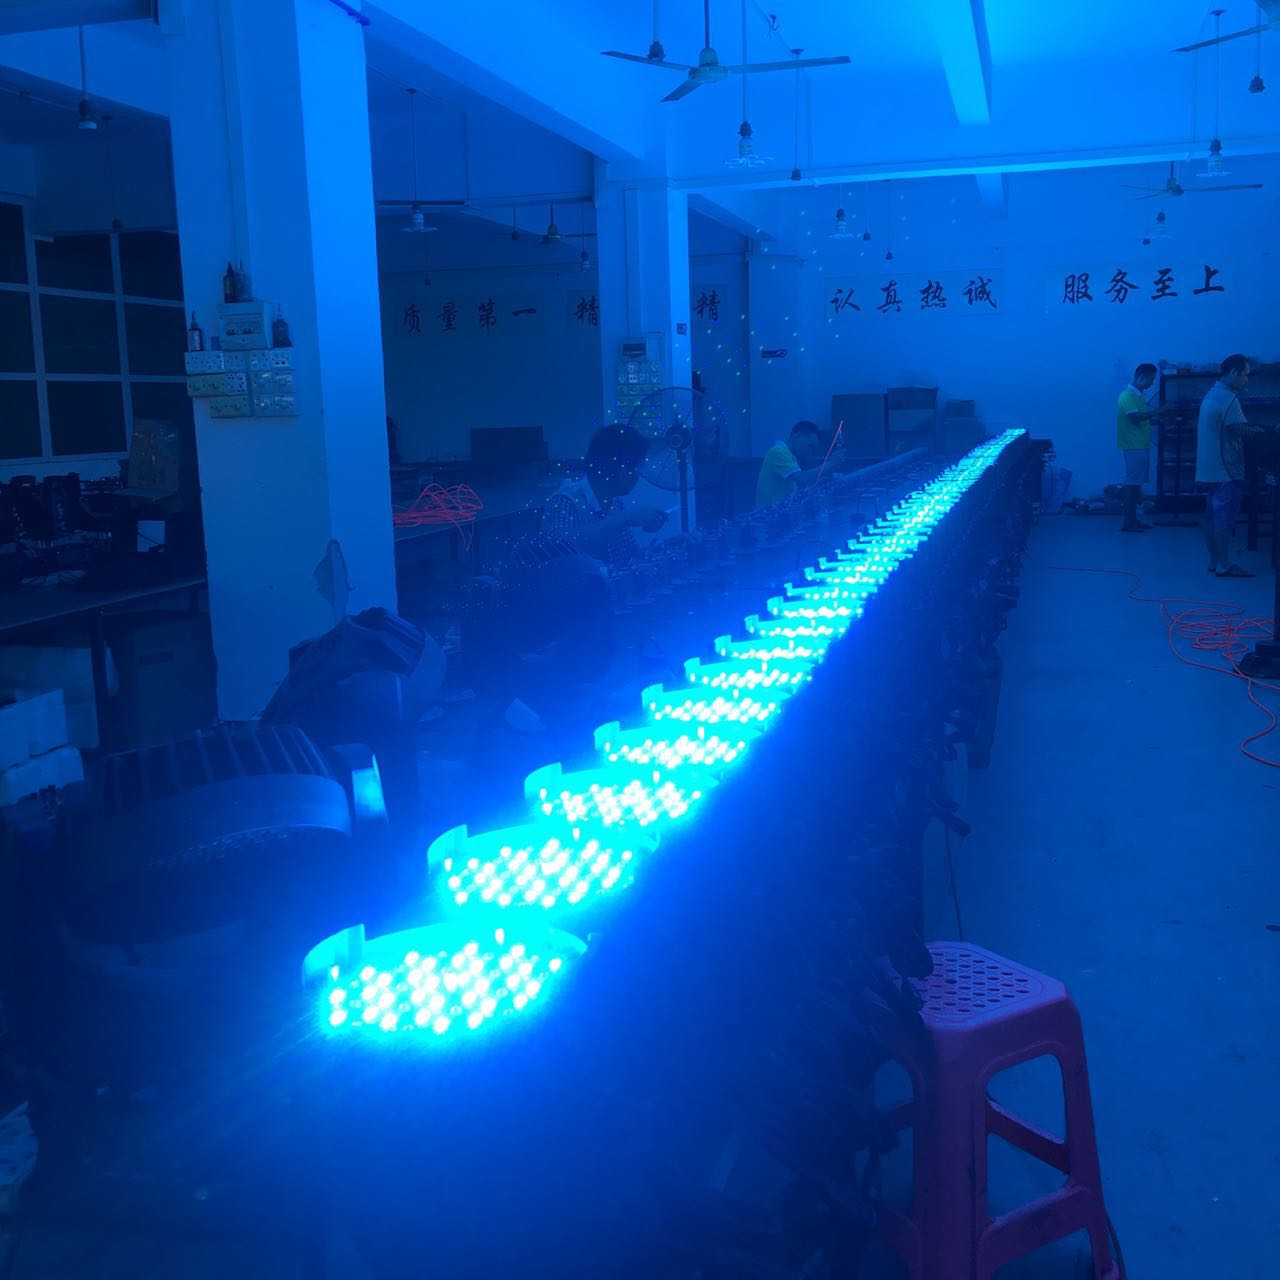 灯光音响LED帕灯存在的价格差异效果图